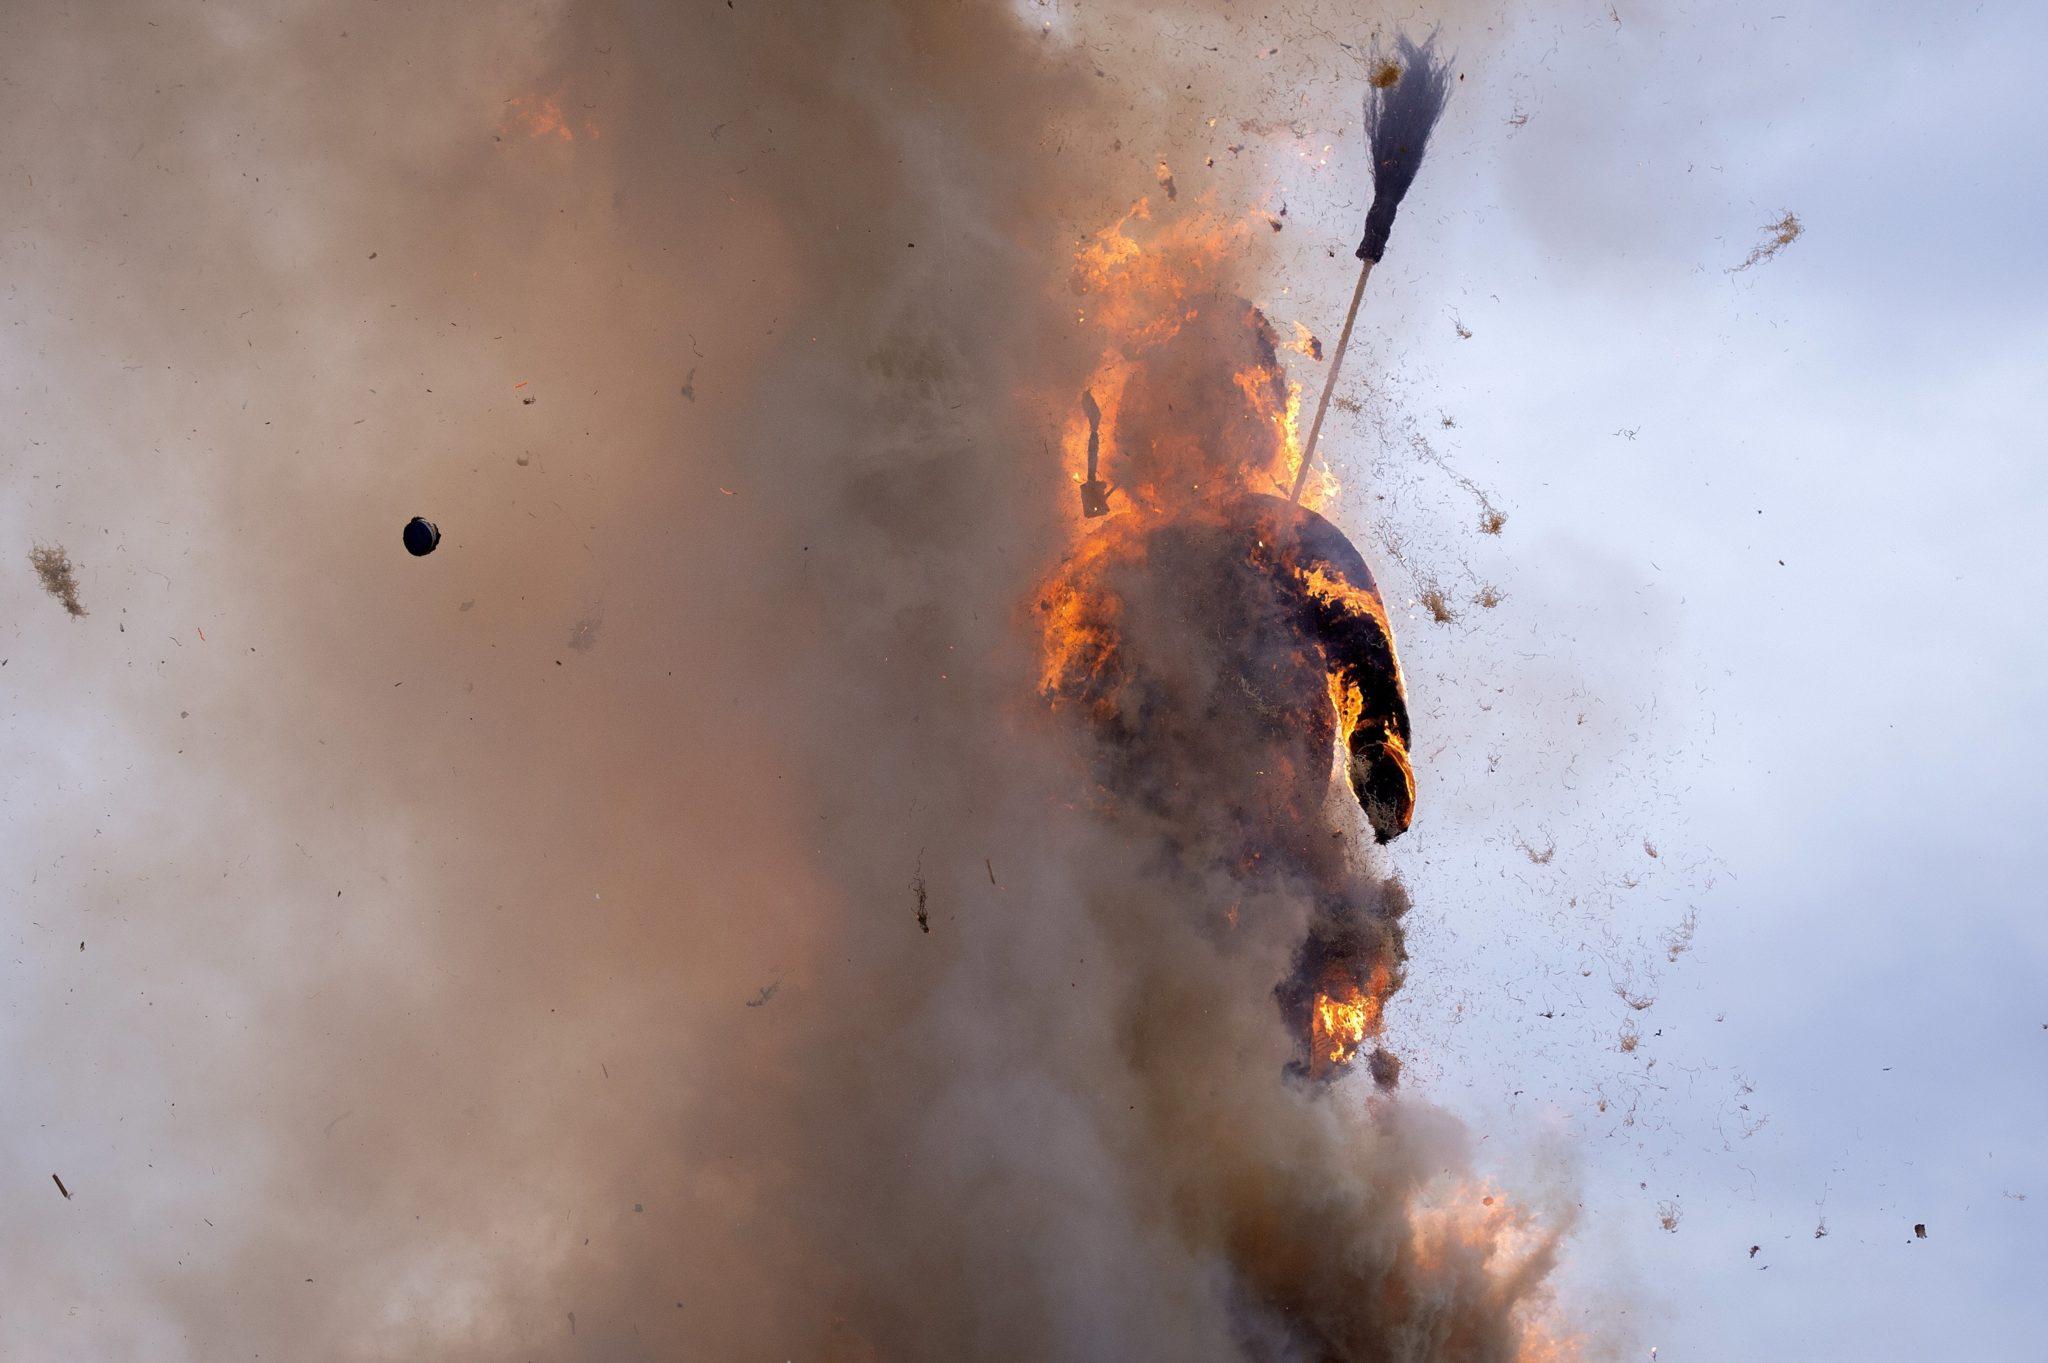 Szwajcaria, Zurych: palenie symbolicznego bałwana, festiwal końca zimy. Im szybciej Boeoegg (bo taka jest jego nazwa) eksploduje, tym lato będzie cieplejsze, fot: Melanie Duchene, PAP/EPA